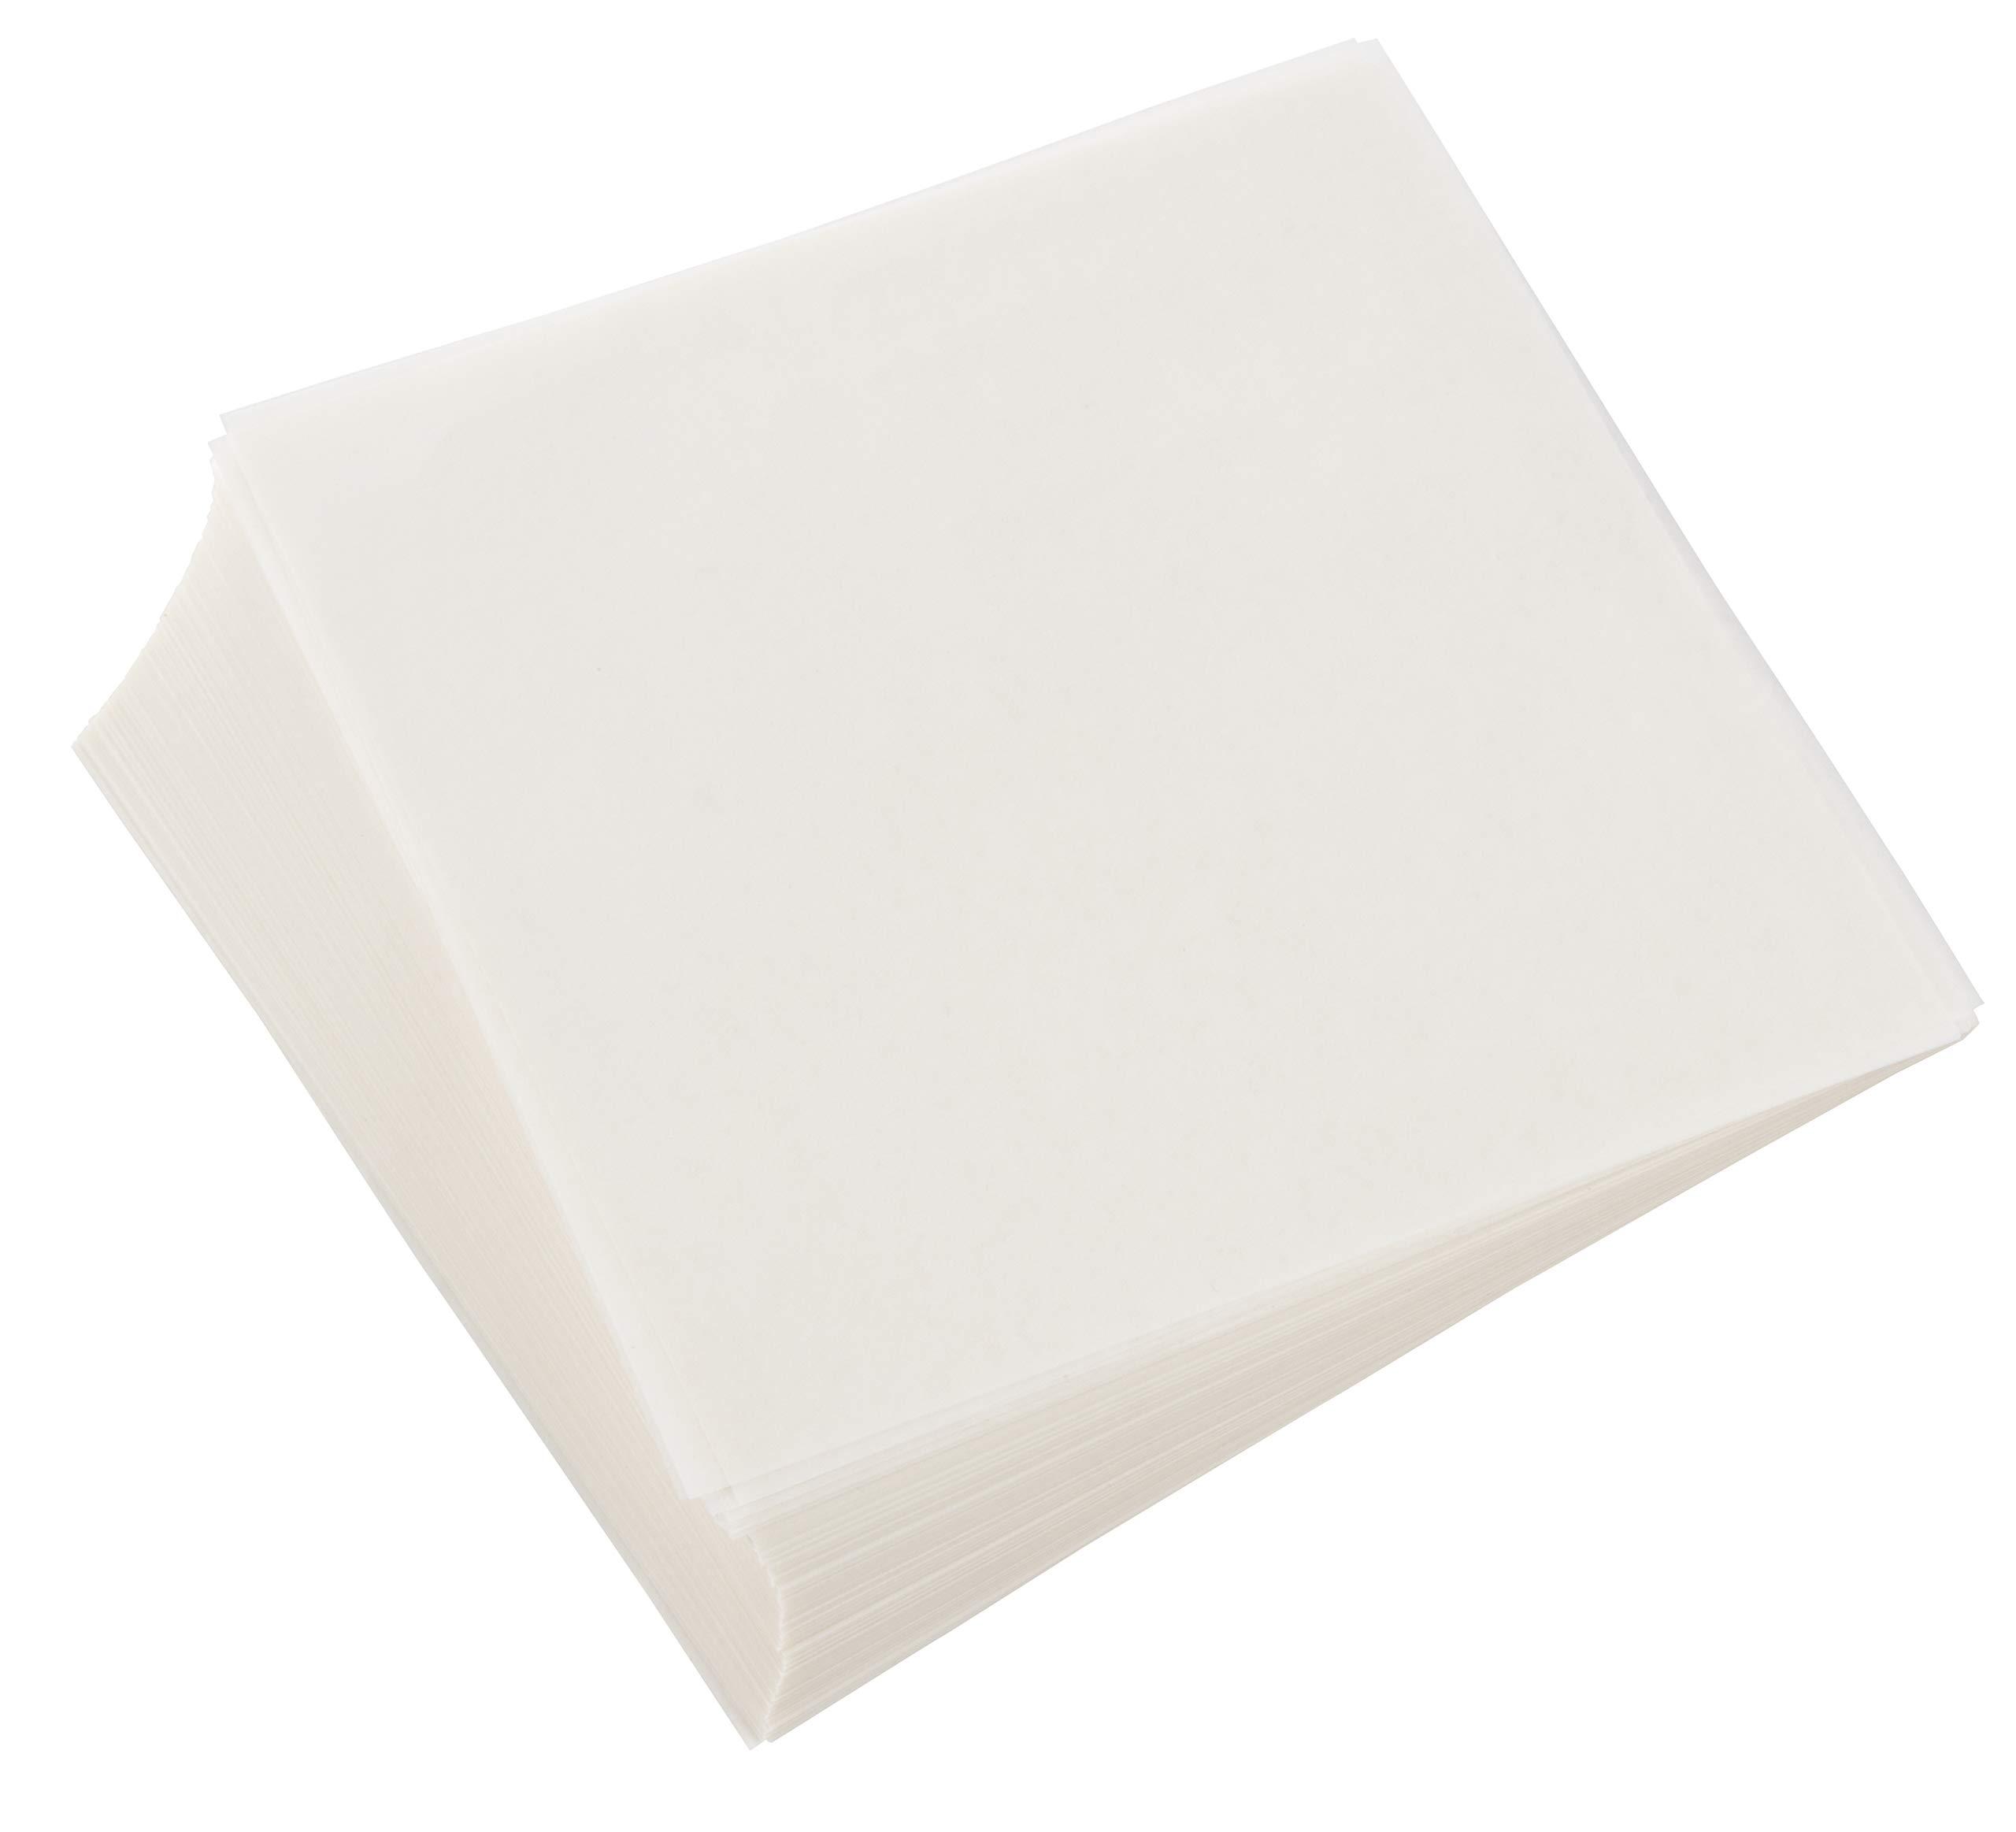 Wax Paper Squares 250 pcs 6 x 6 Non-Stick Hamburger Patty Paper Sheets